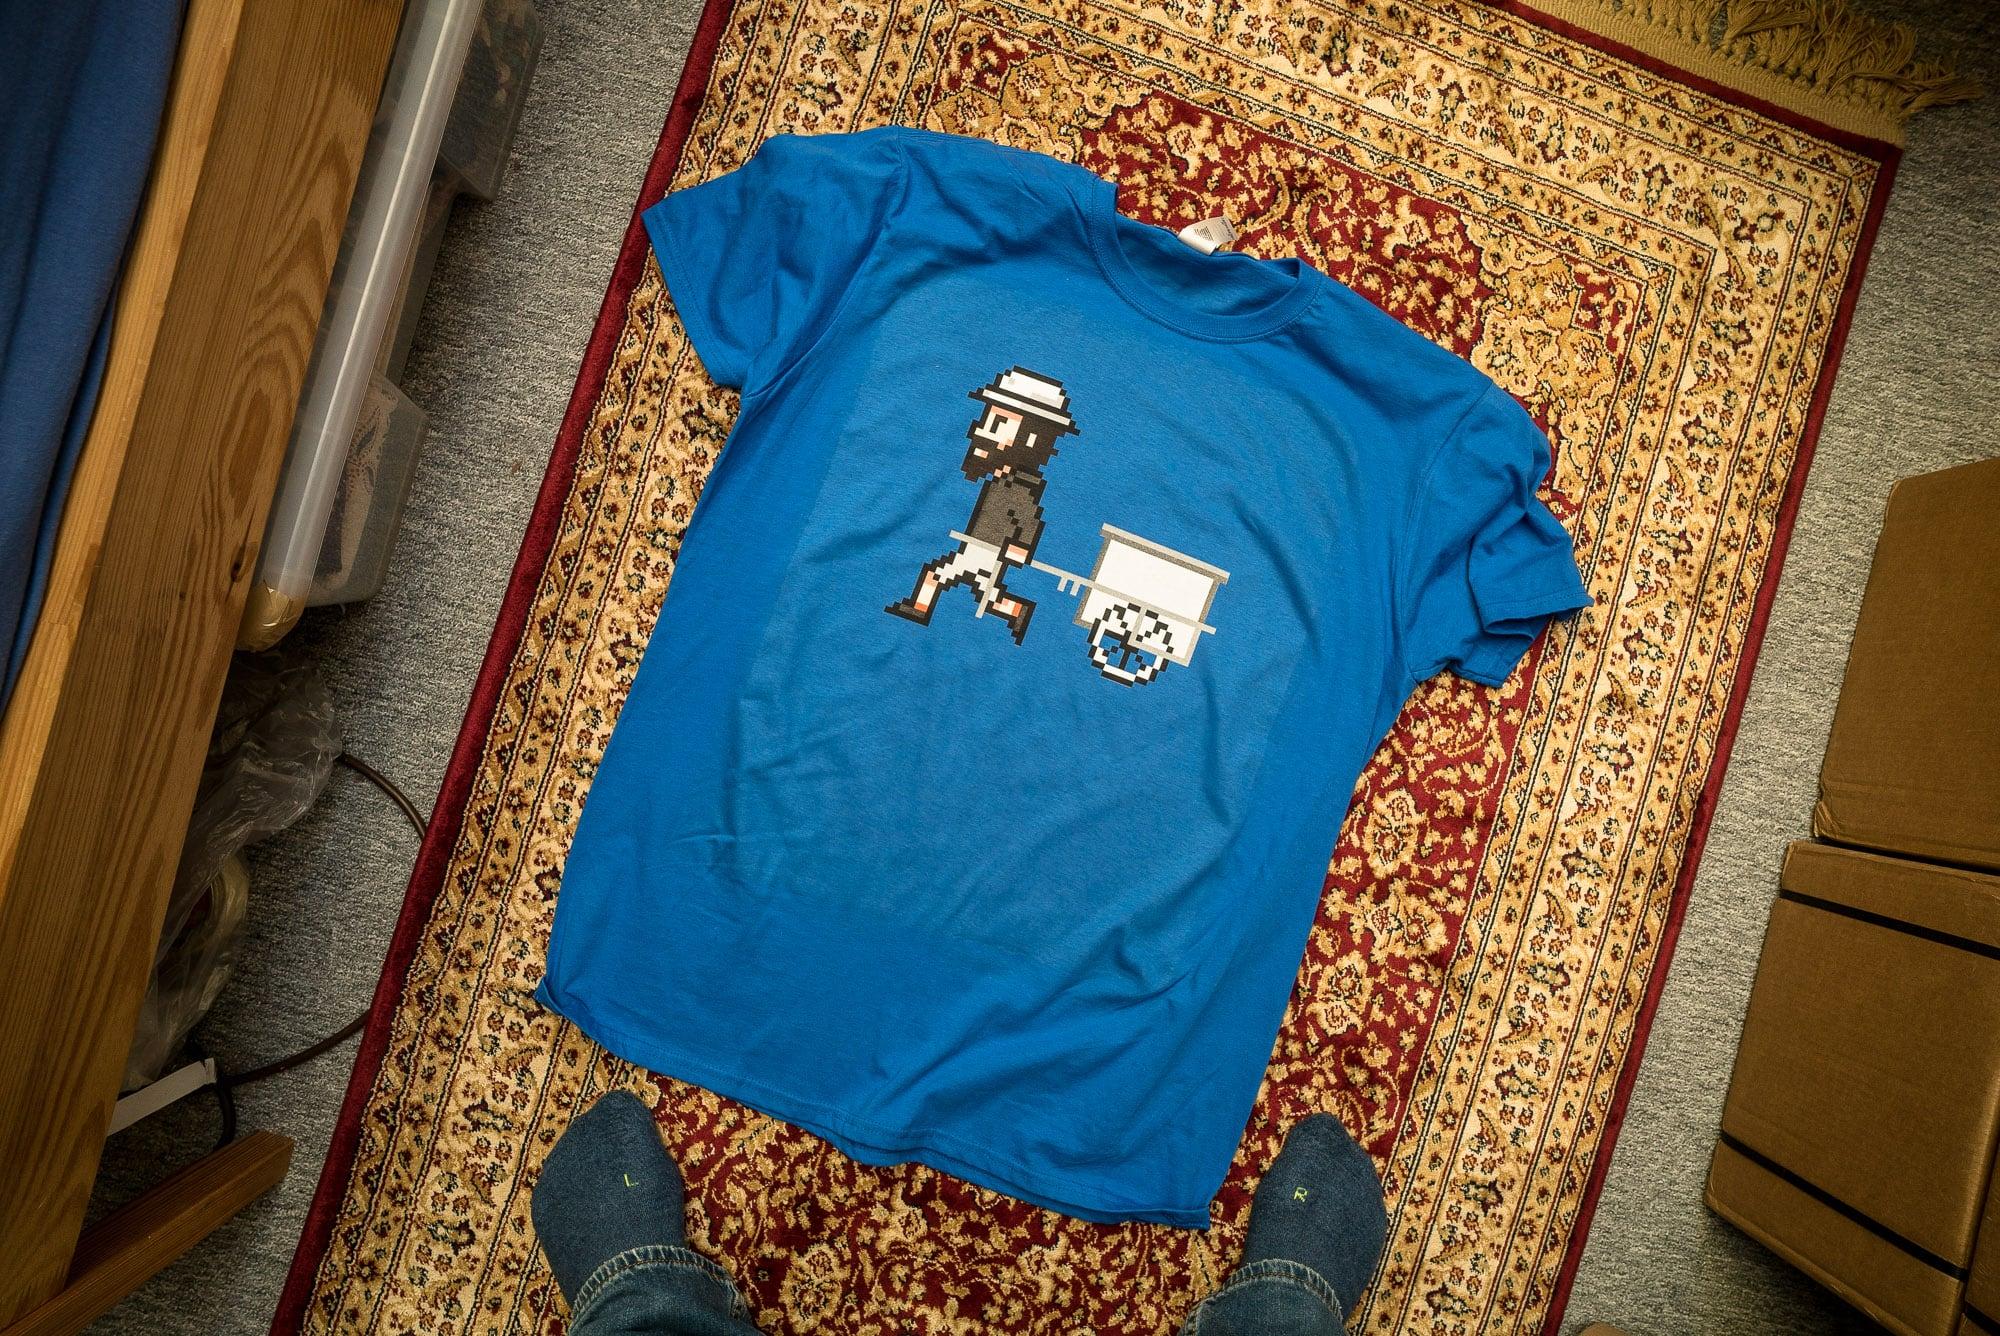 TLW shirt prototype full size